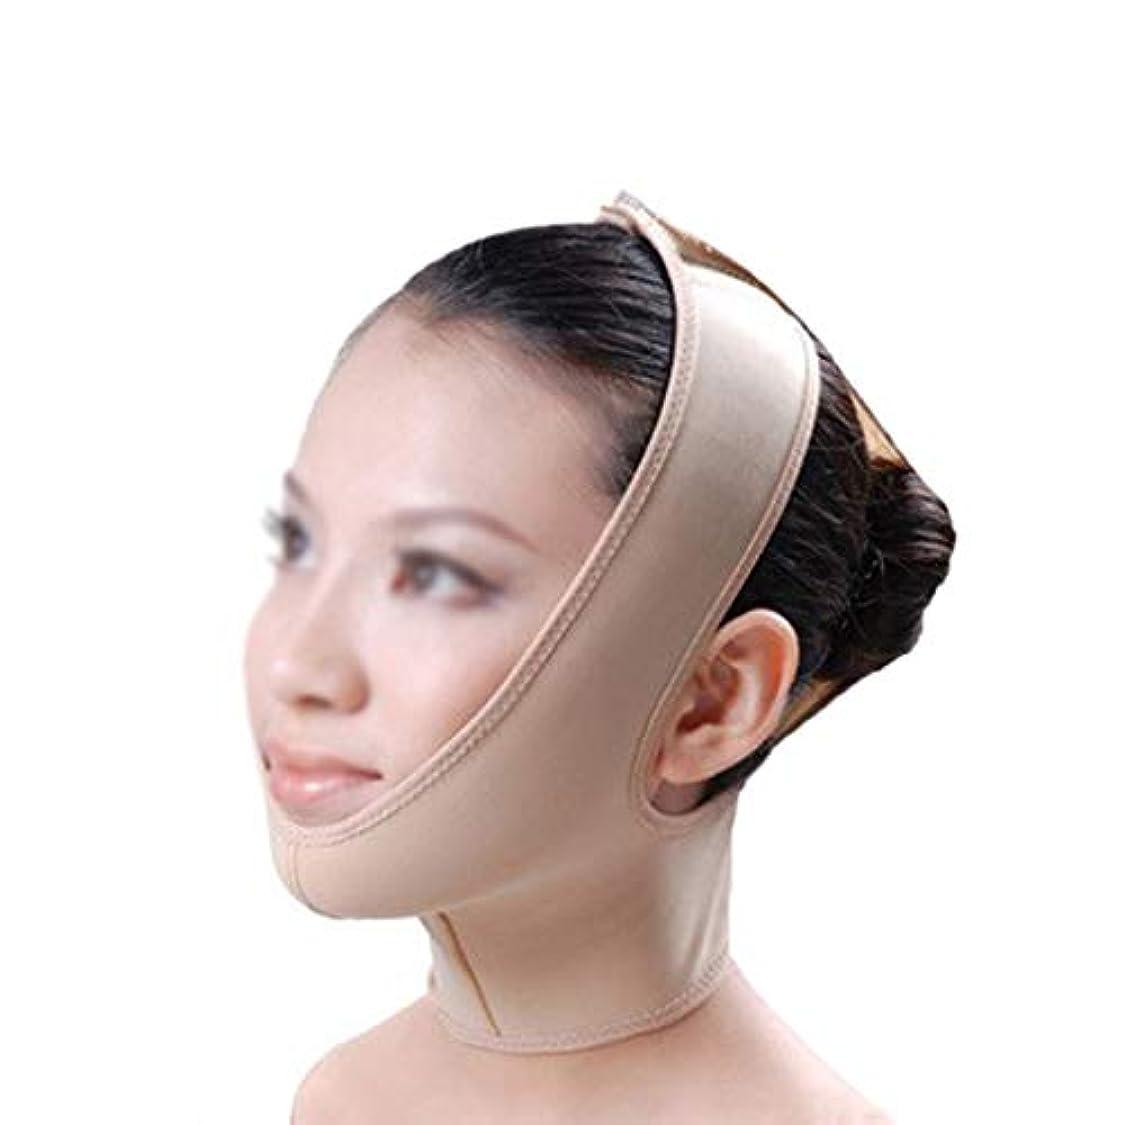 映画ソファー私たちのダブルチンストラップ、包帯リフト、引き締めフェイシャルリフト、フェイシャル減量マスク、リフティングスキン包帯,男性と女性の両方が使用できます (Size : M)